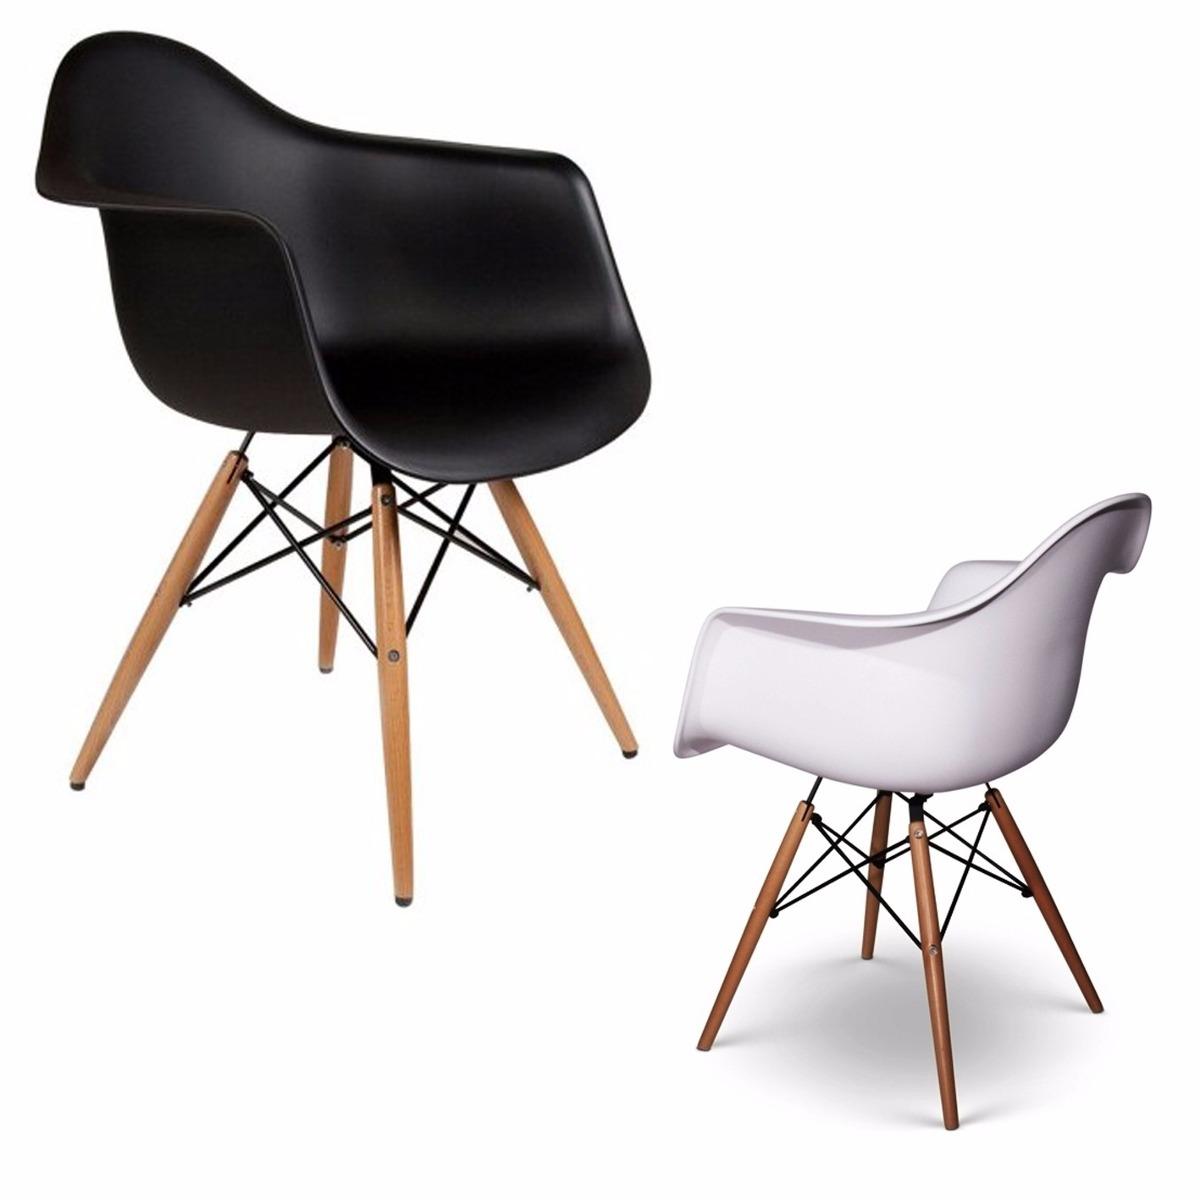 Silla eames butacas moderno dise o excelente calidad for Buscar sillas